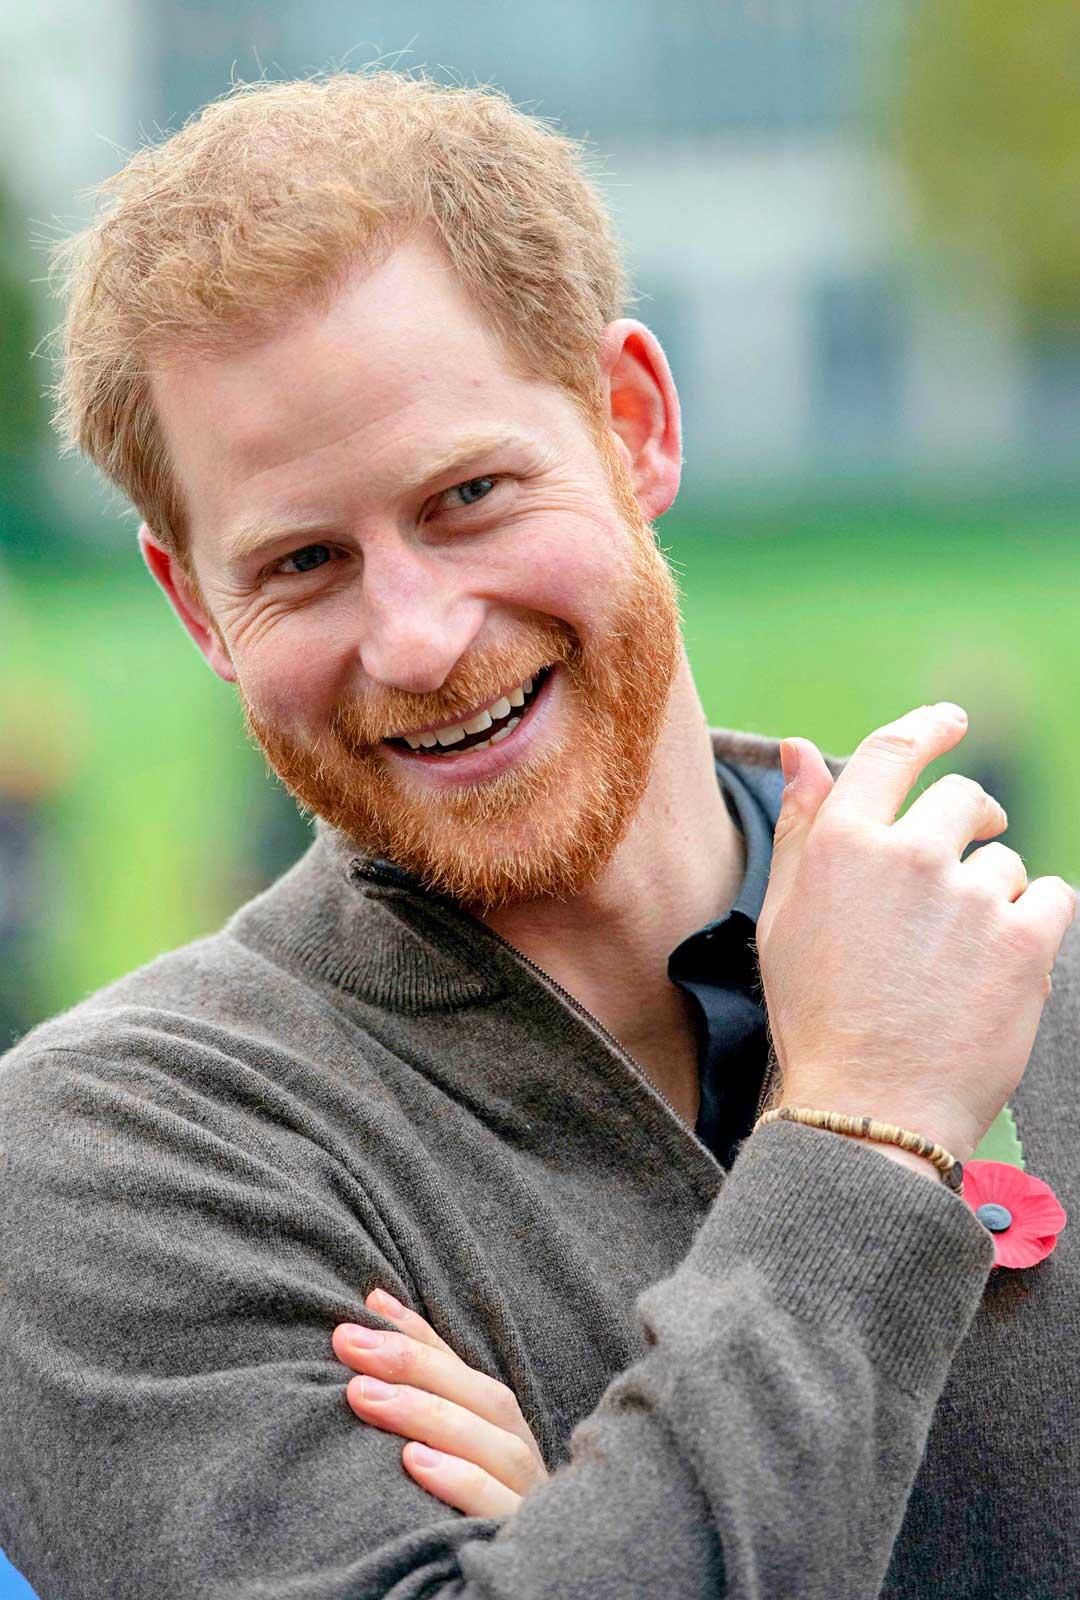 Perheen perustaminen on luonnollisesti etäännyttänyt Harrya veljestään. Hän haluaa nyt olla perheensä pää ja isäntä omassa talossaan.